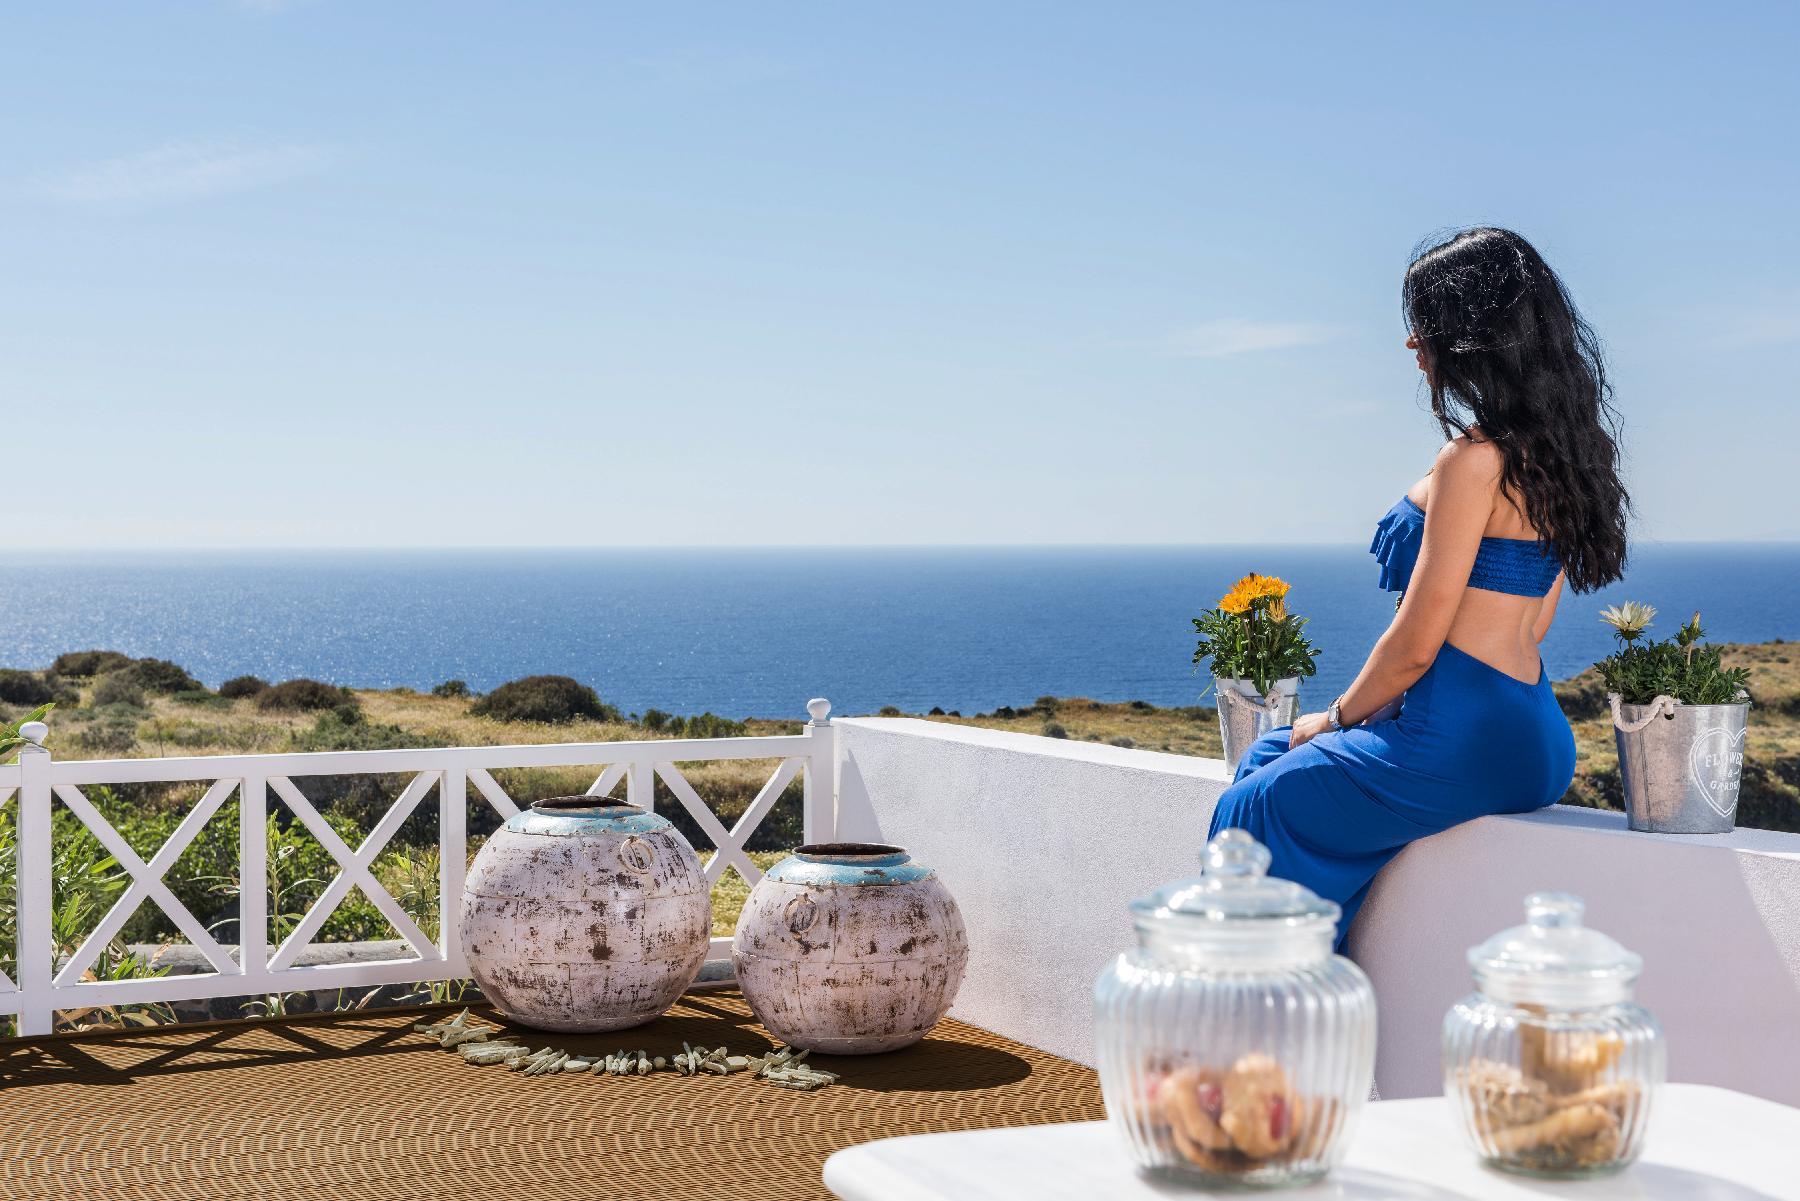 Santorini Oia Sunset Villas - Pearl